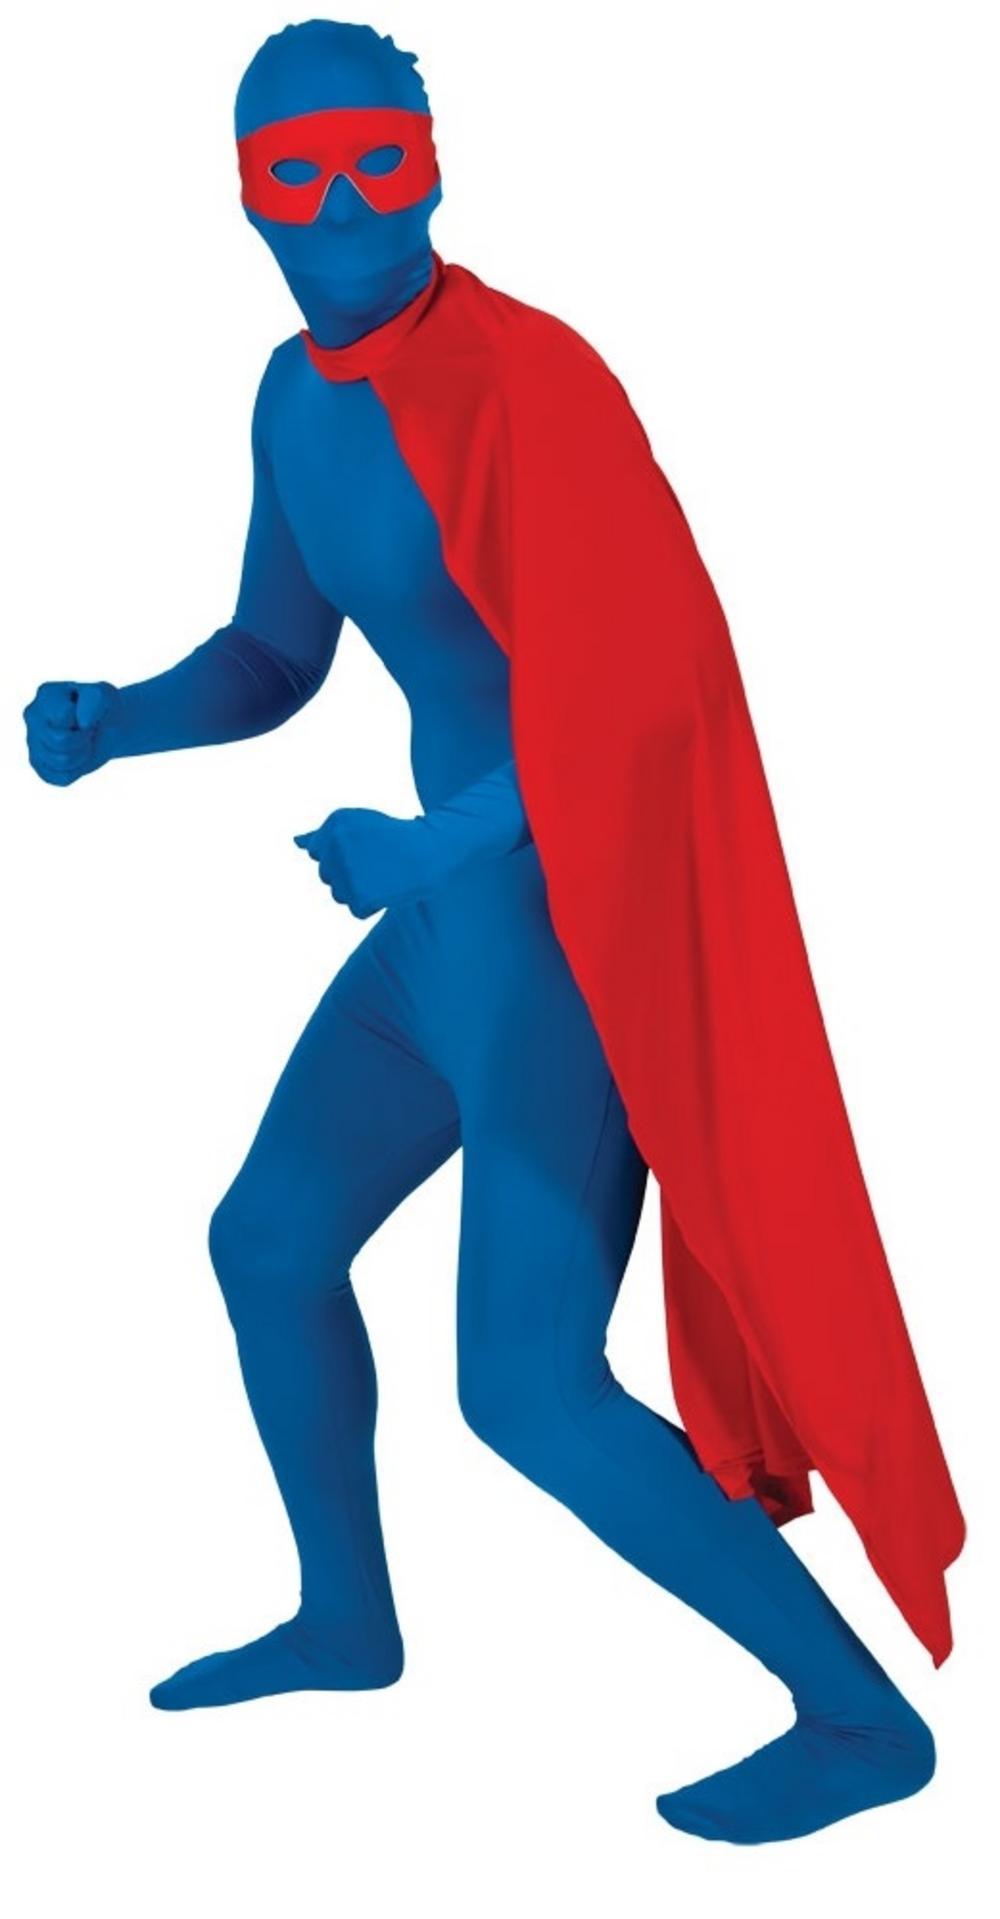 Red Superhero Cape Accessory